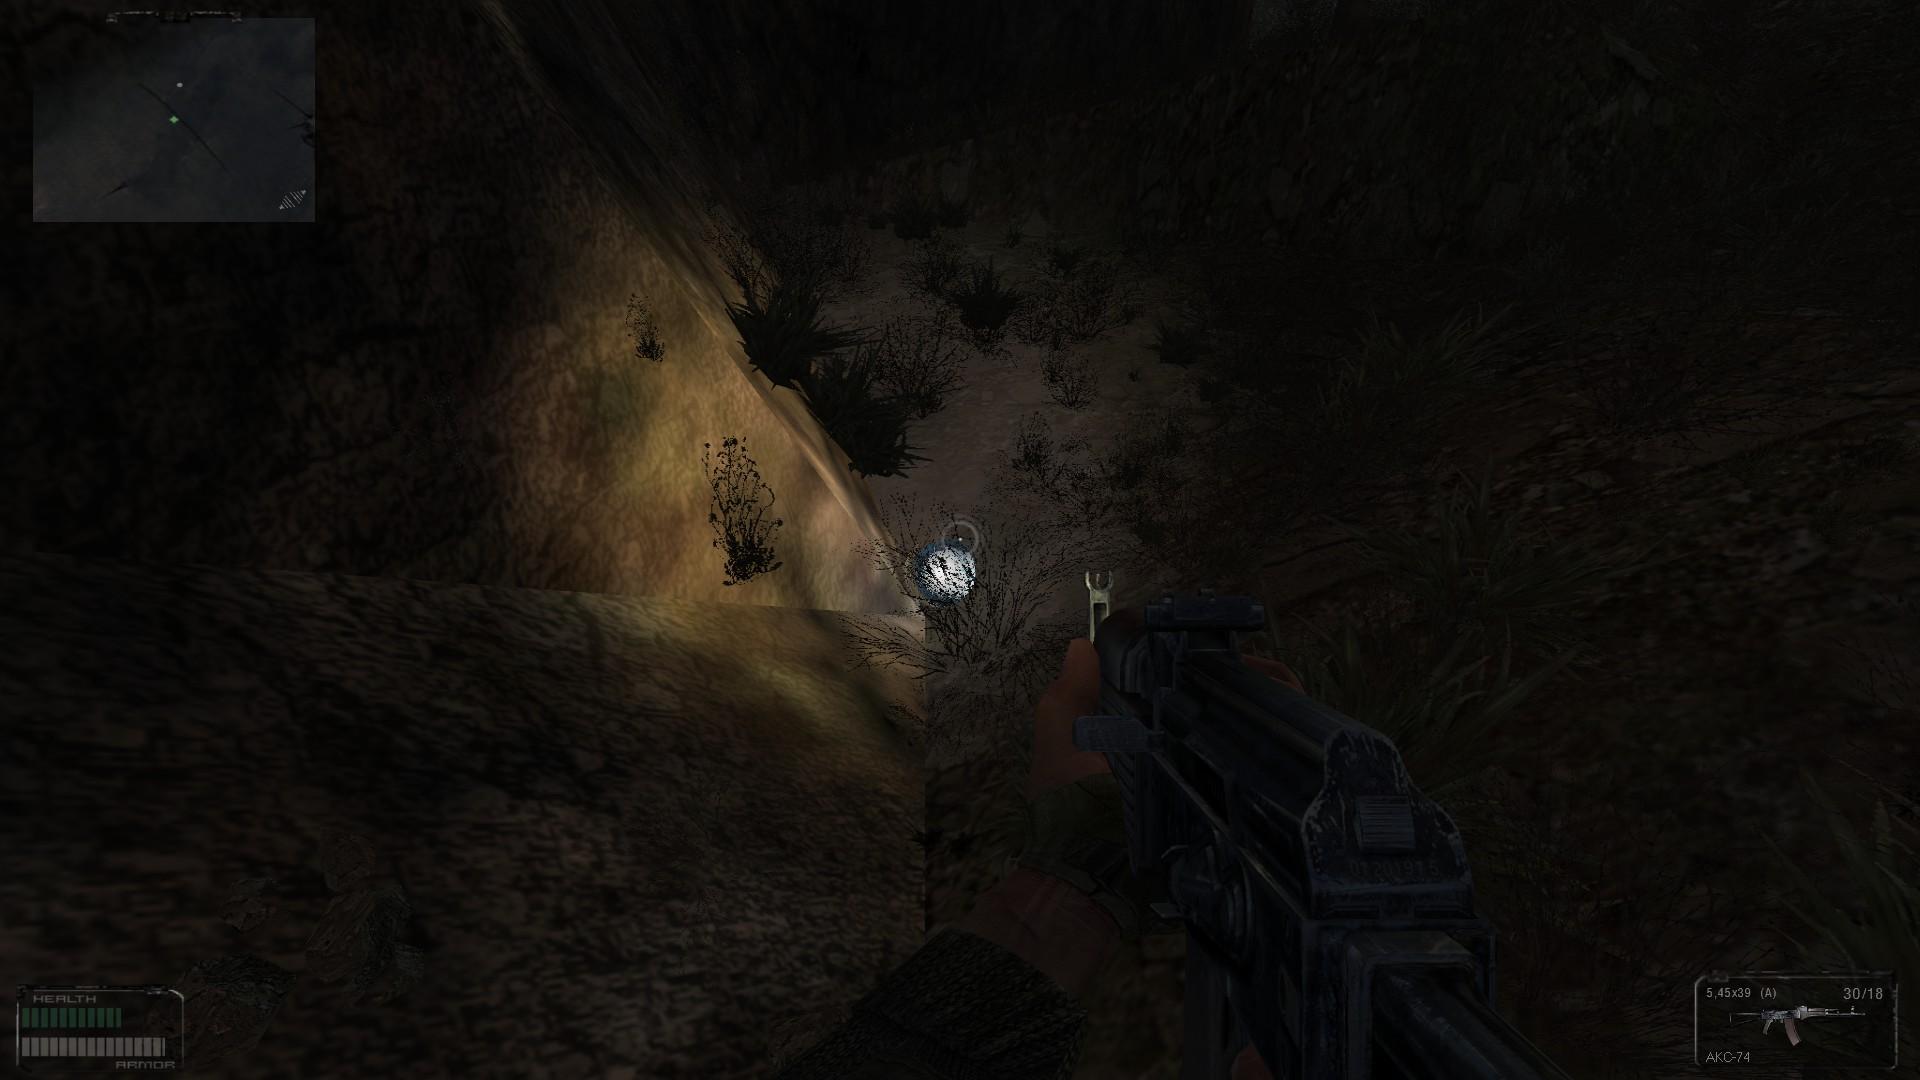 Oblivion Lost Remake 2.5 image 76